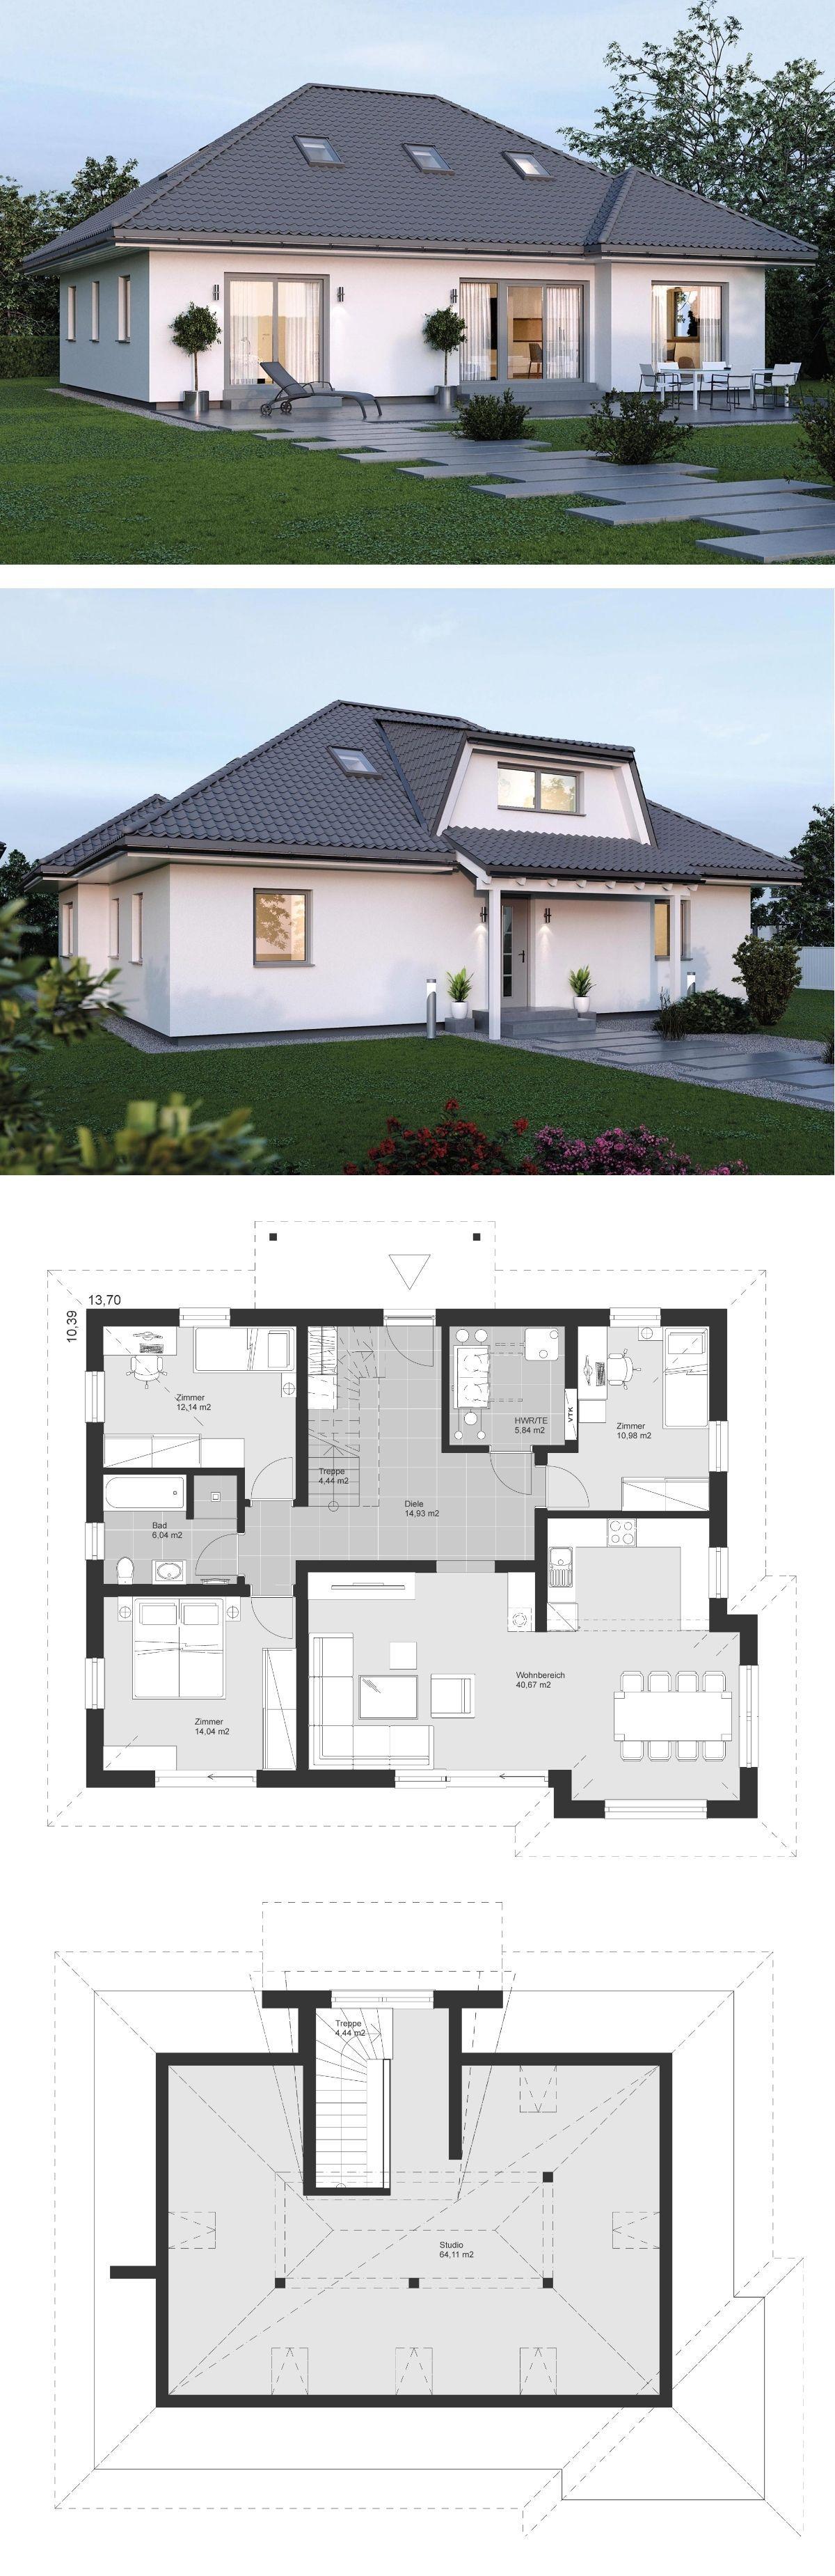 Bungalow Haus Grundriss 5 Zimmer Mit Walmdach Architektur